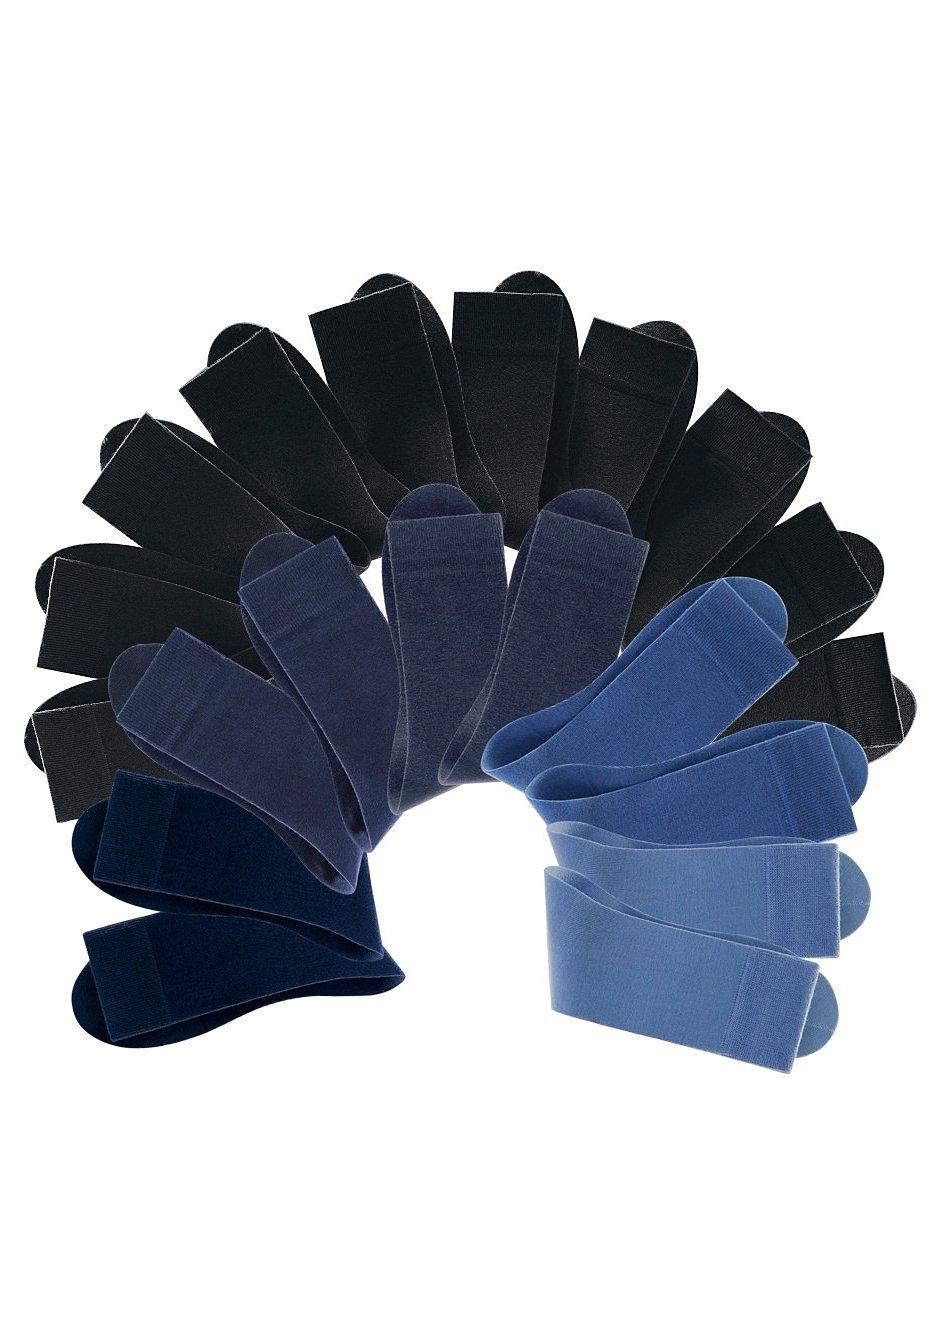 Cotton Republic Set van 20 paar sokken - gratis ruilen op lascana.nl